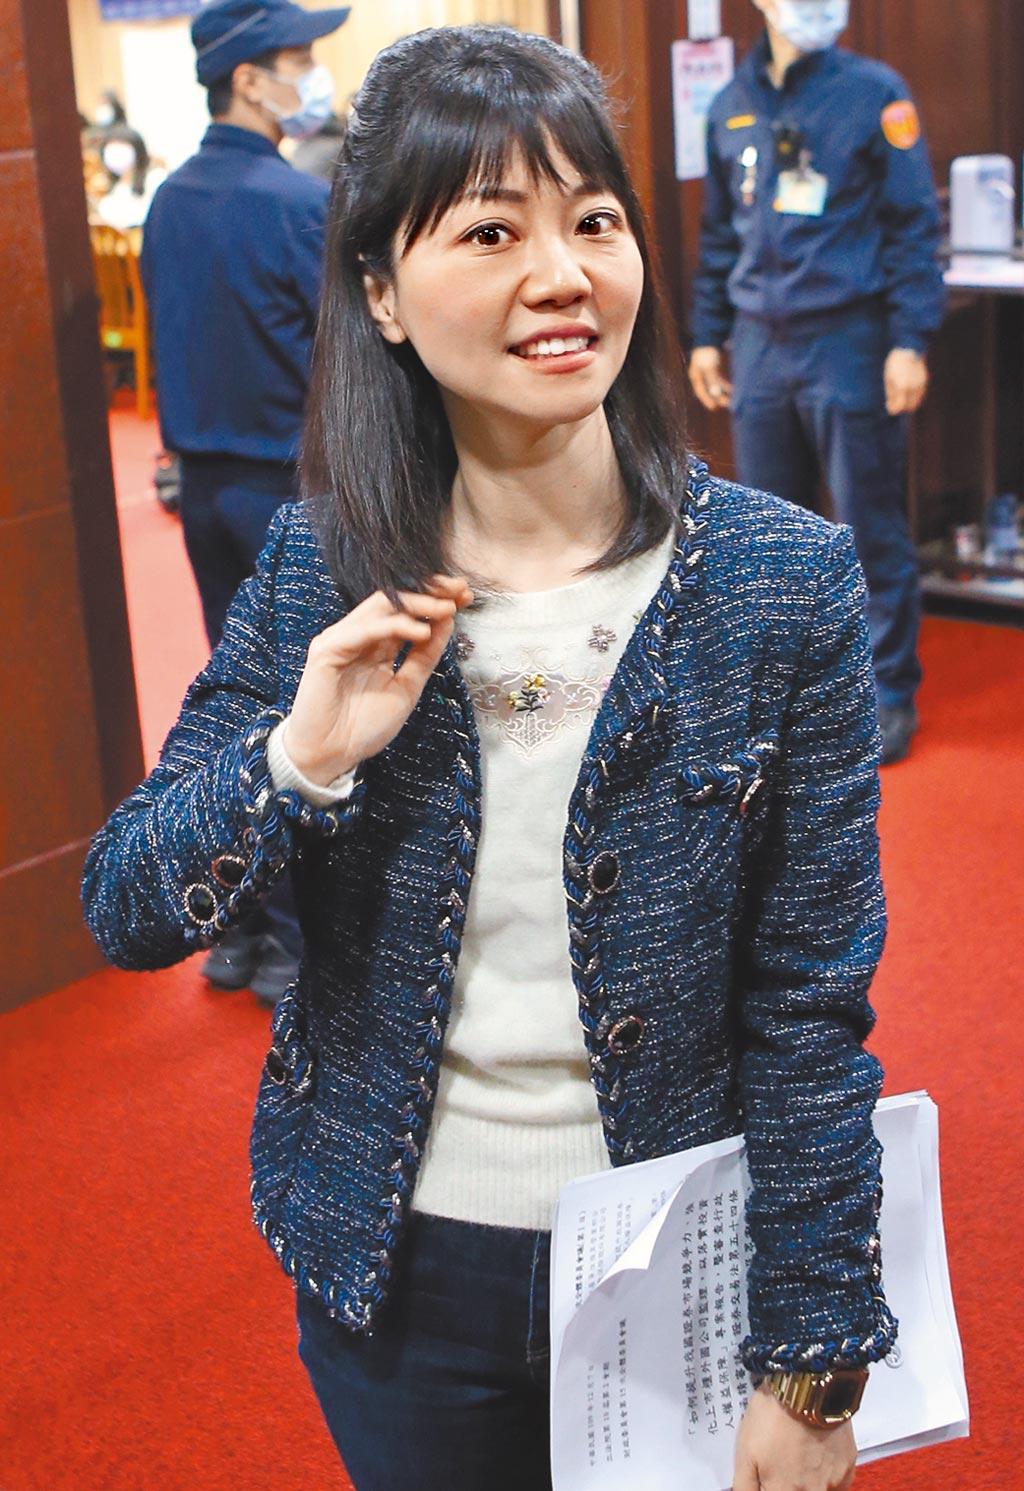 農委會核發的「台灣豬標章」公信力全失,綠委高嘉瑜昨砲轟政府不負責任。(本報資料照片)